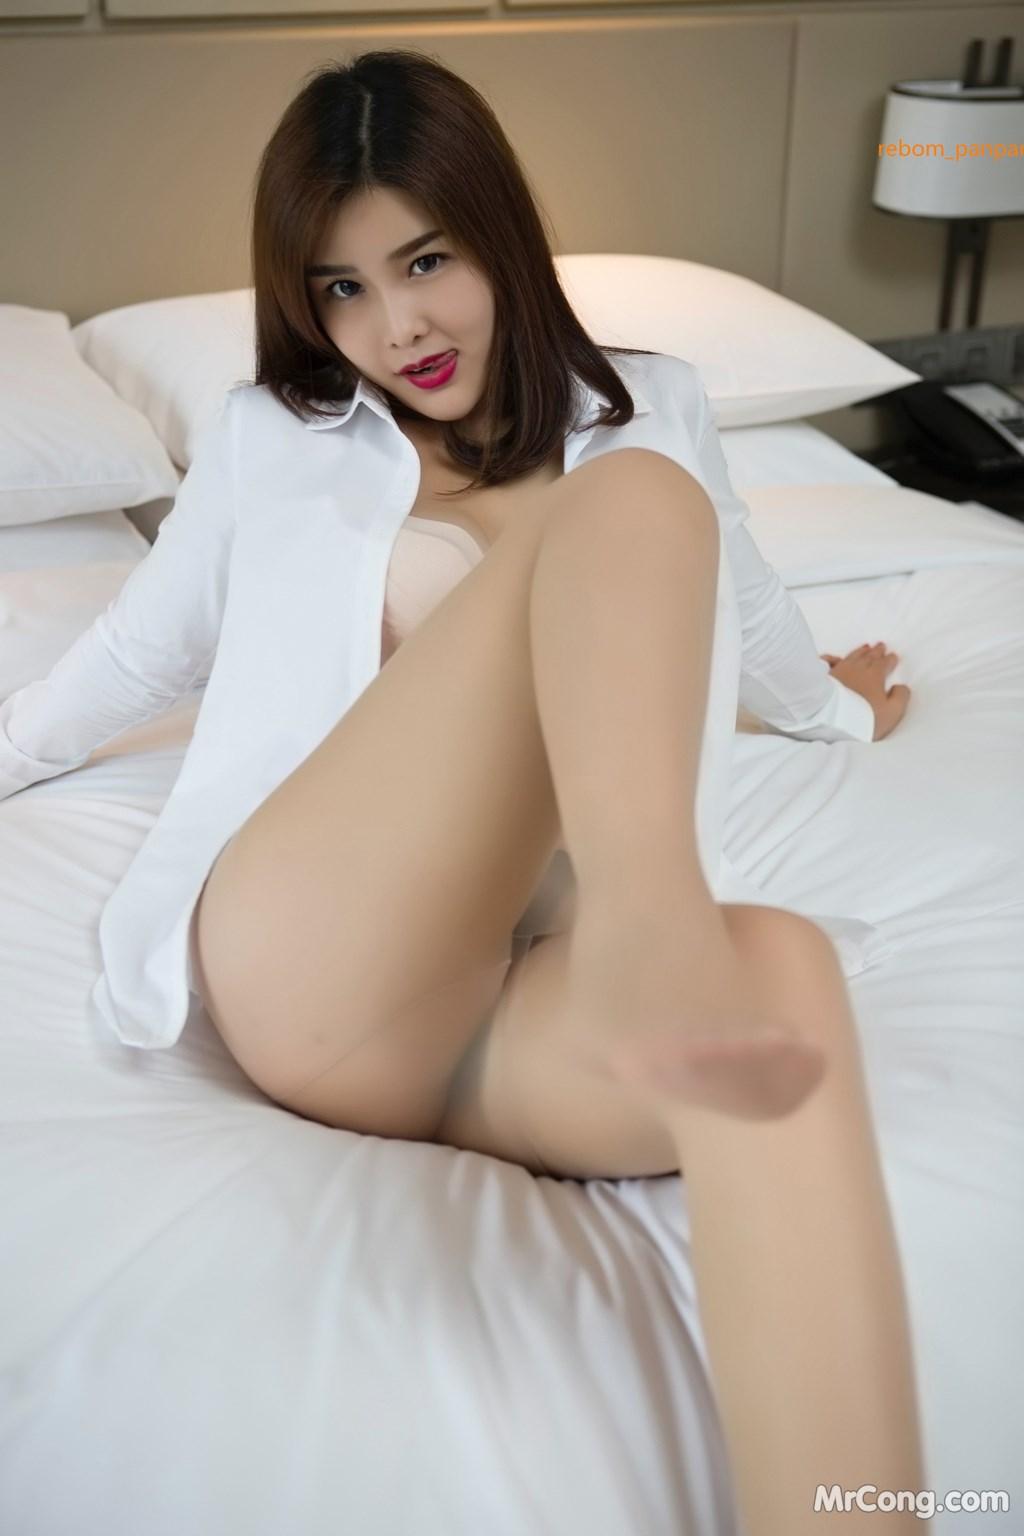 Image Yan-Pan-Pan-Part-4-MrCong.com-013 in post Người đẹp Yan Pan Pan (闫盼盼) hờ hững khoe vòng một trên giường ngủ (40 ảnh)